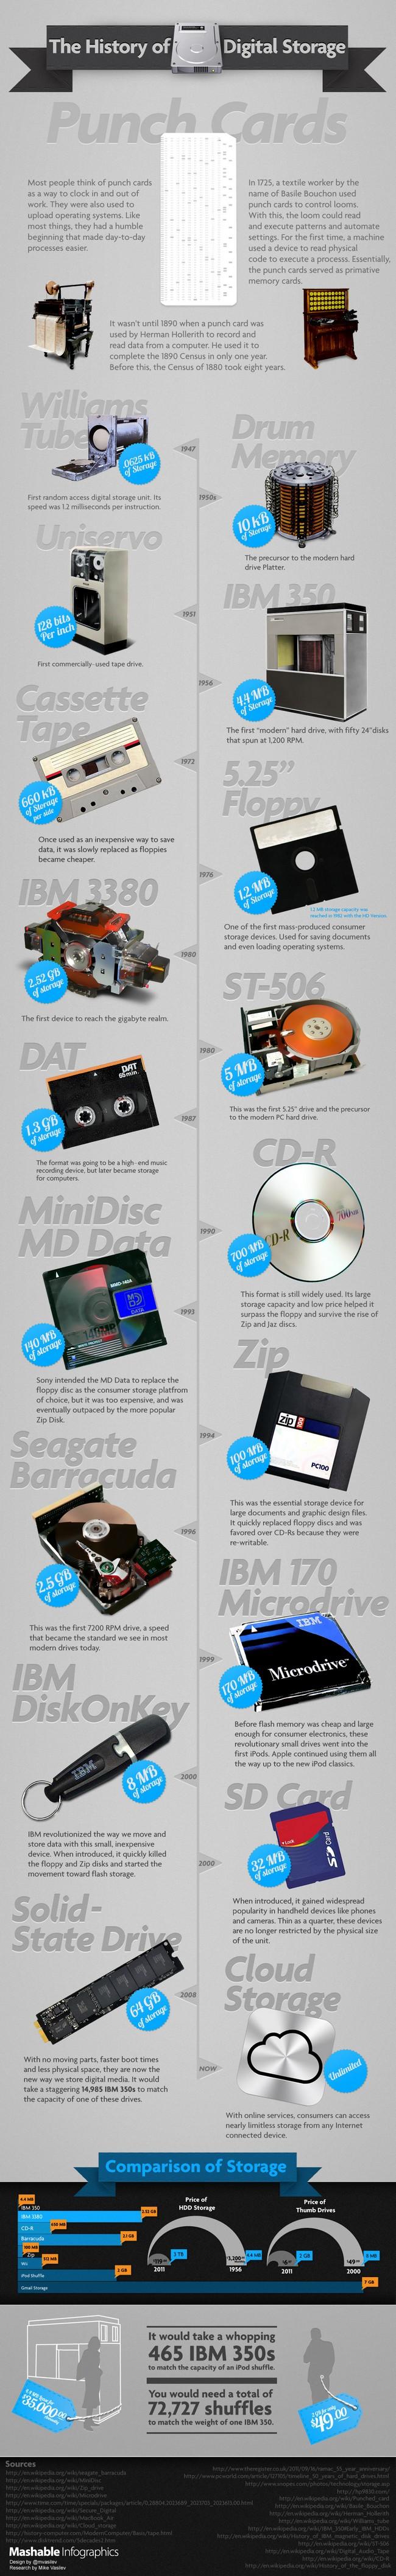 L'histoire du stockage numérique